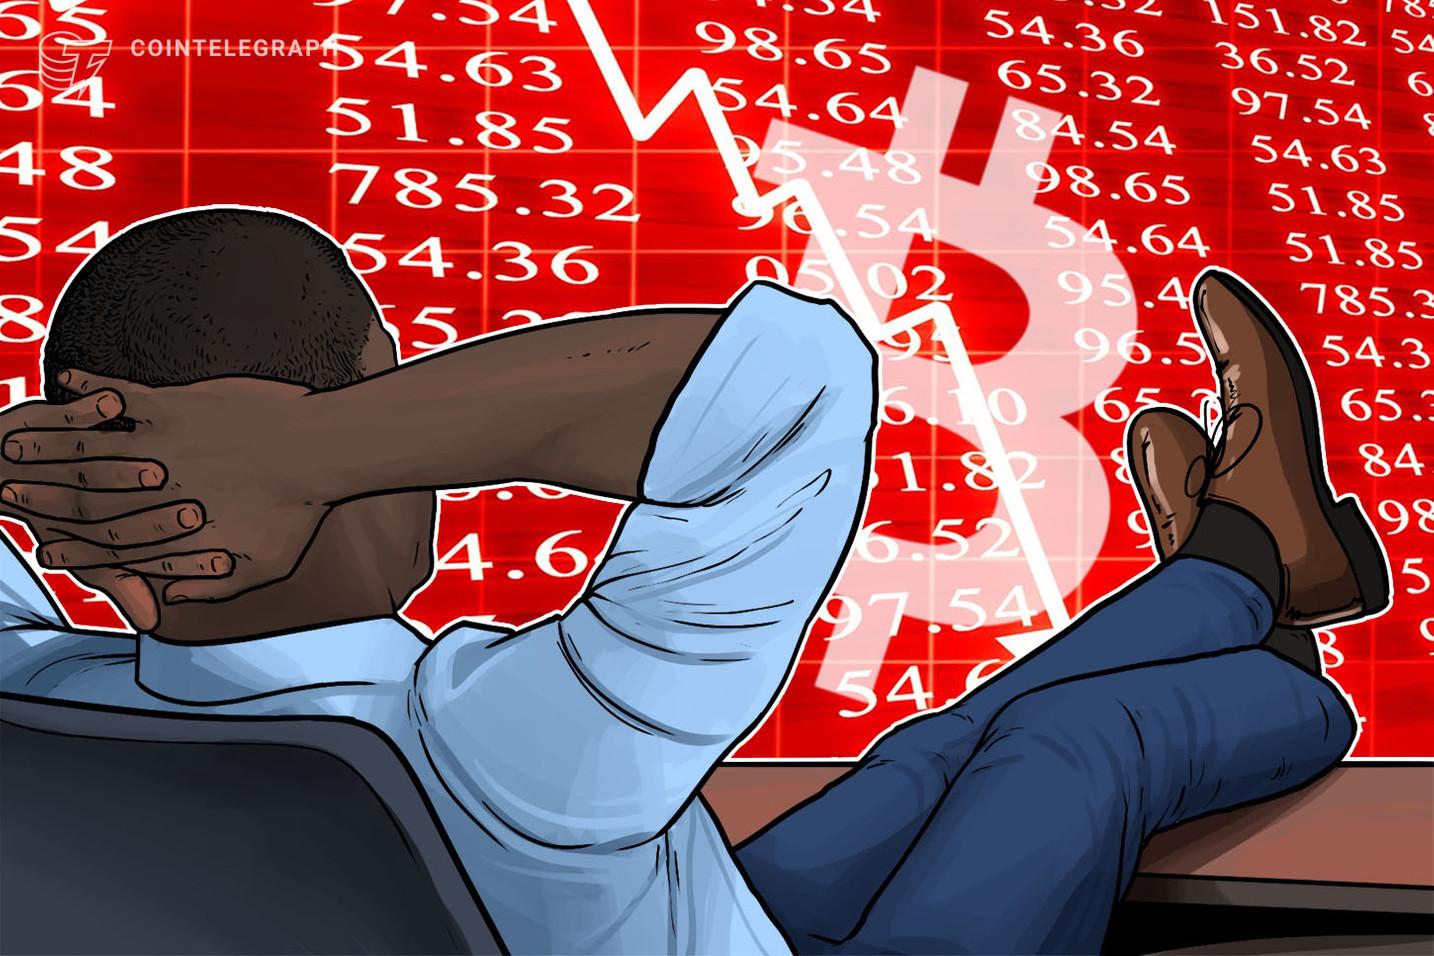 Bitcoin Fiyatı 6.500 Dolara Geriledi, Yatırımcılar Gözlerini CME Makasına Çevirdi